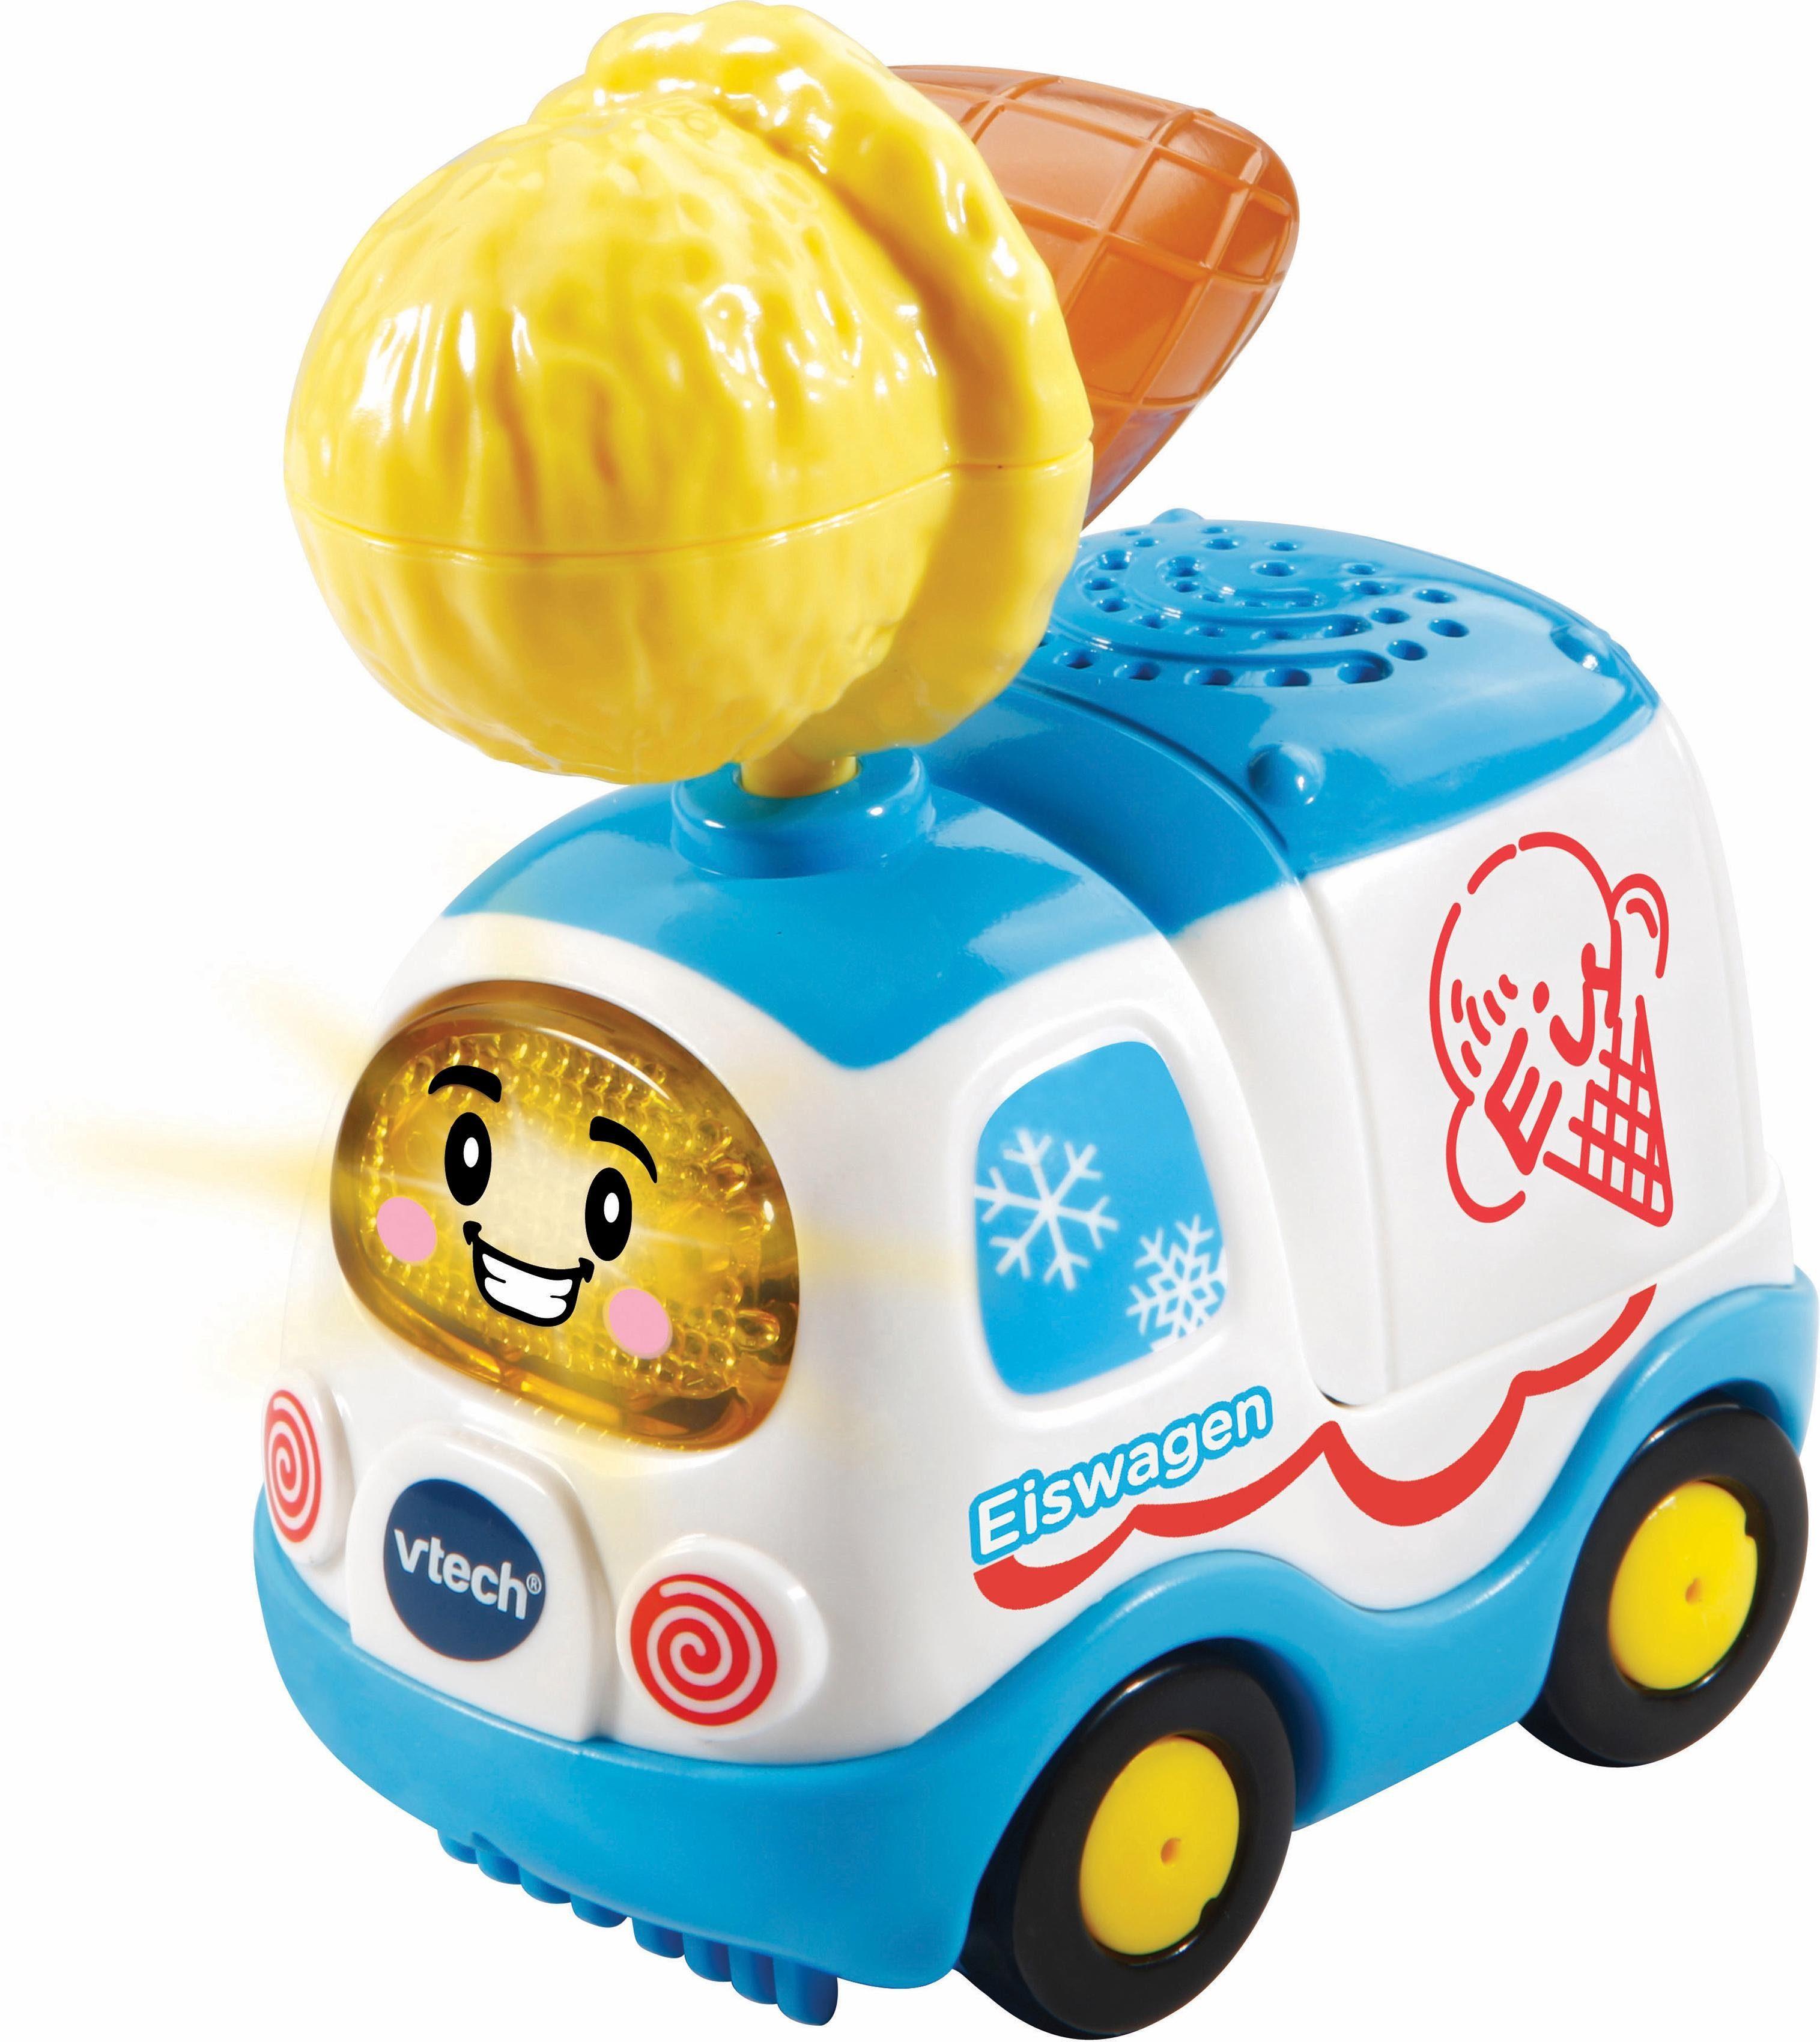 VTech Spielfahrzeug mit Licht und Sound, »Tut Tut Baby Flitzer Special Edition Eiswagen«